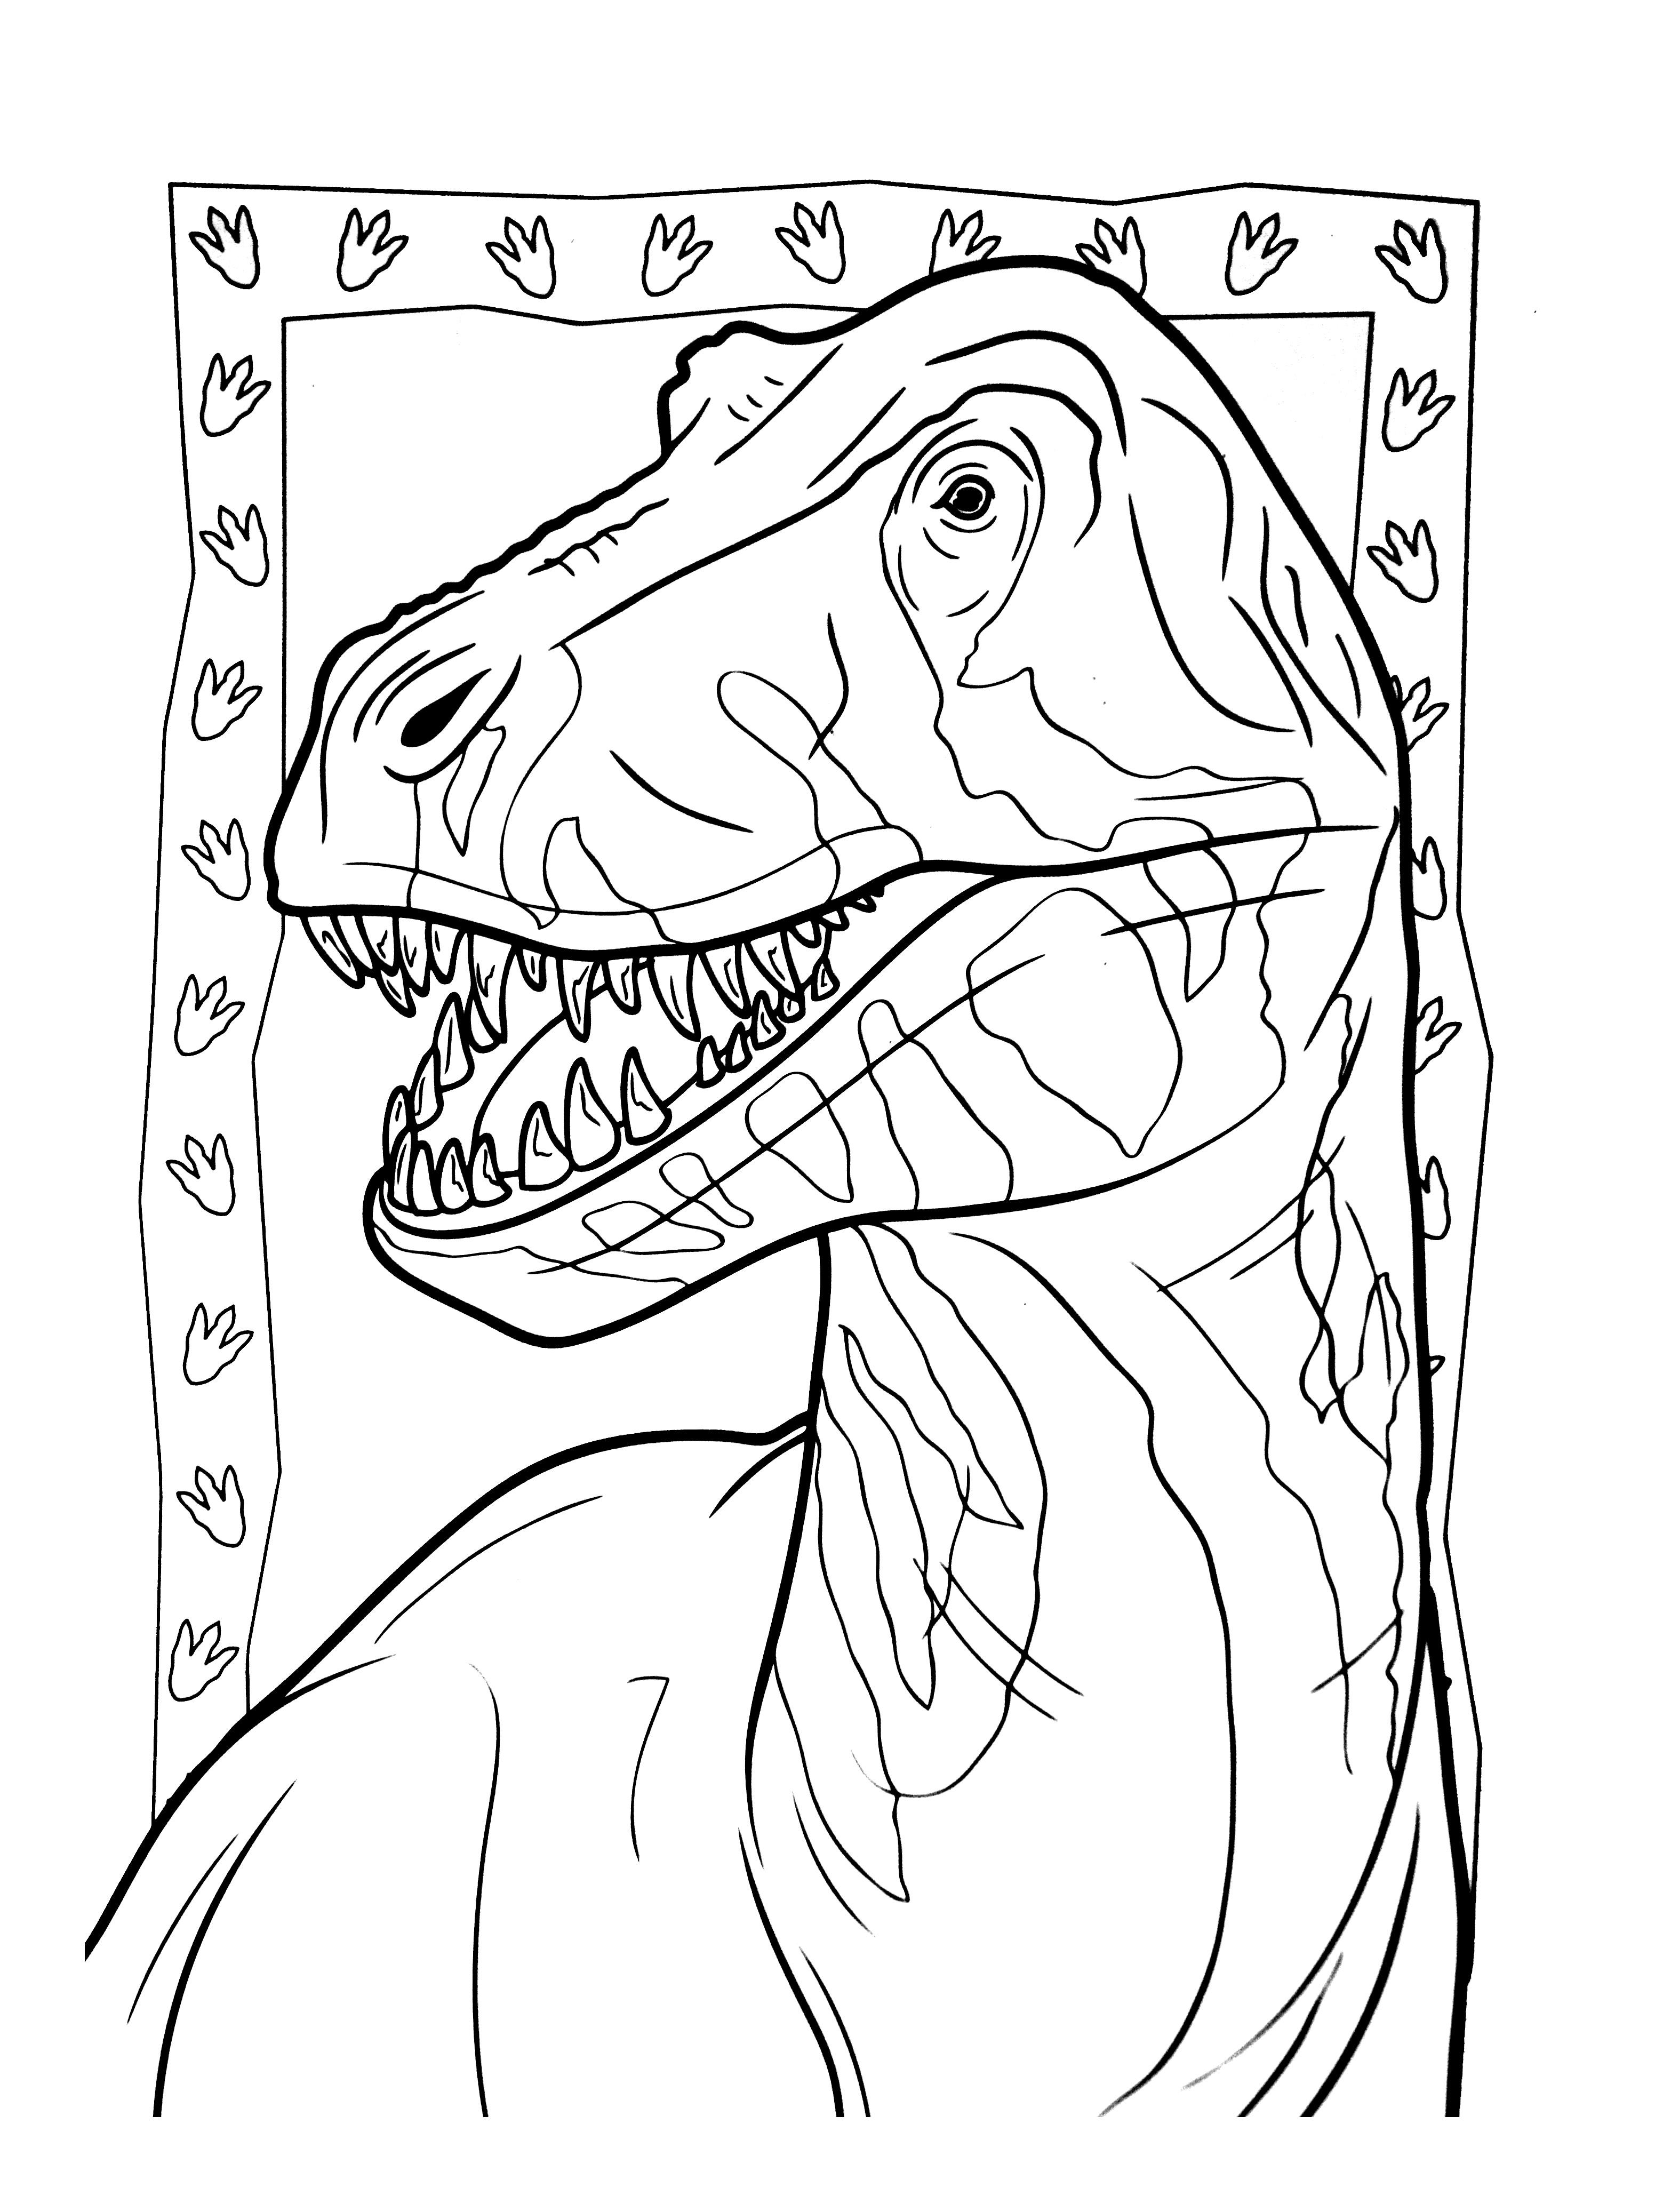 A Imprimer Dinosaure 4 Coloriages De Dinosaures